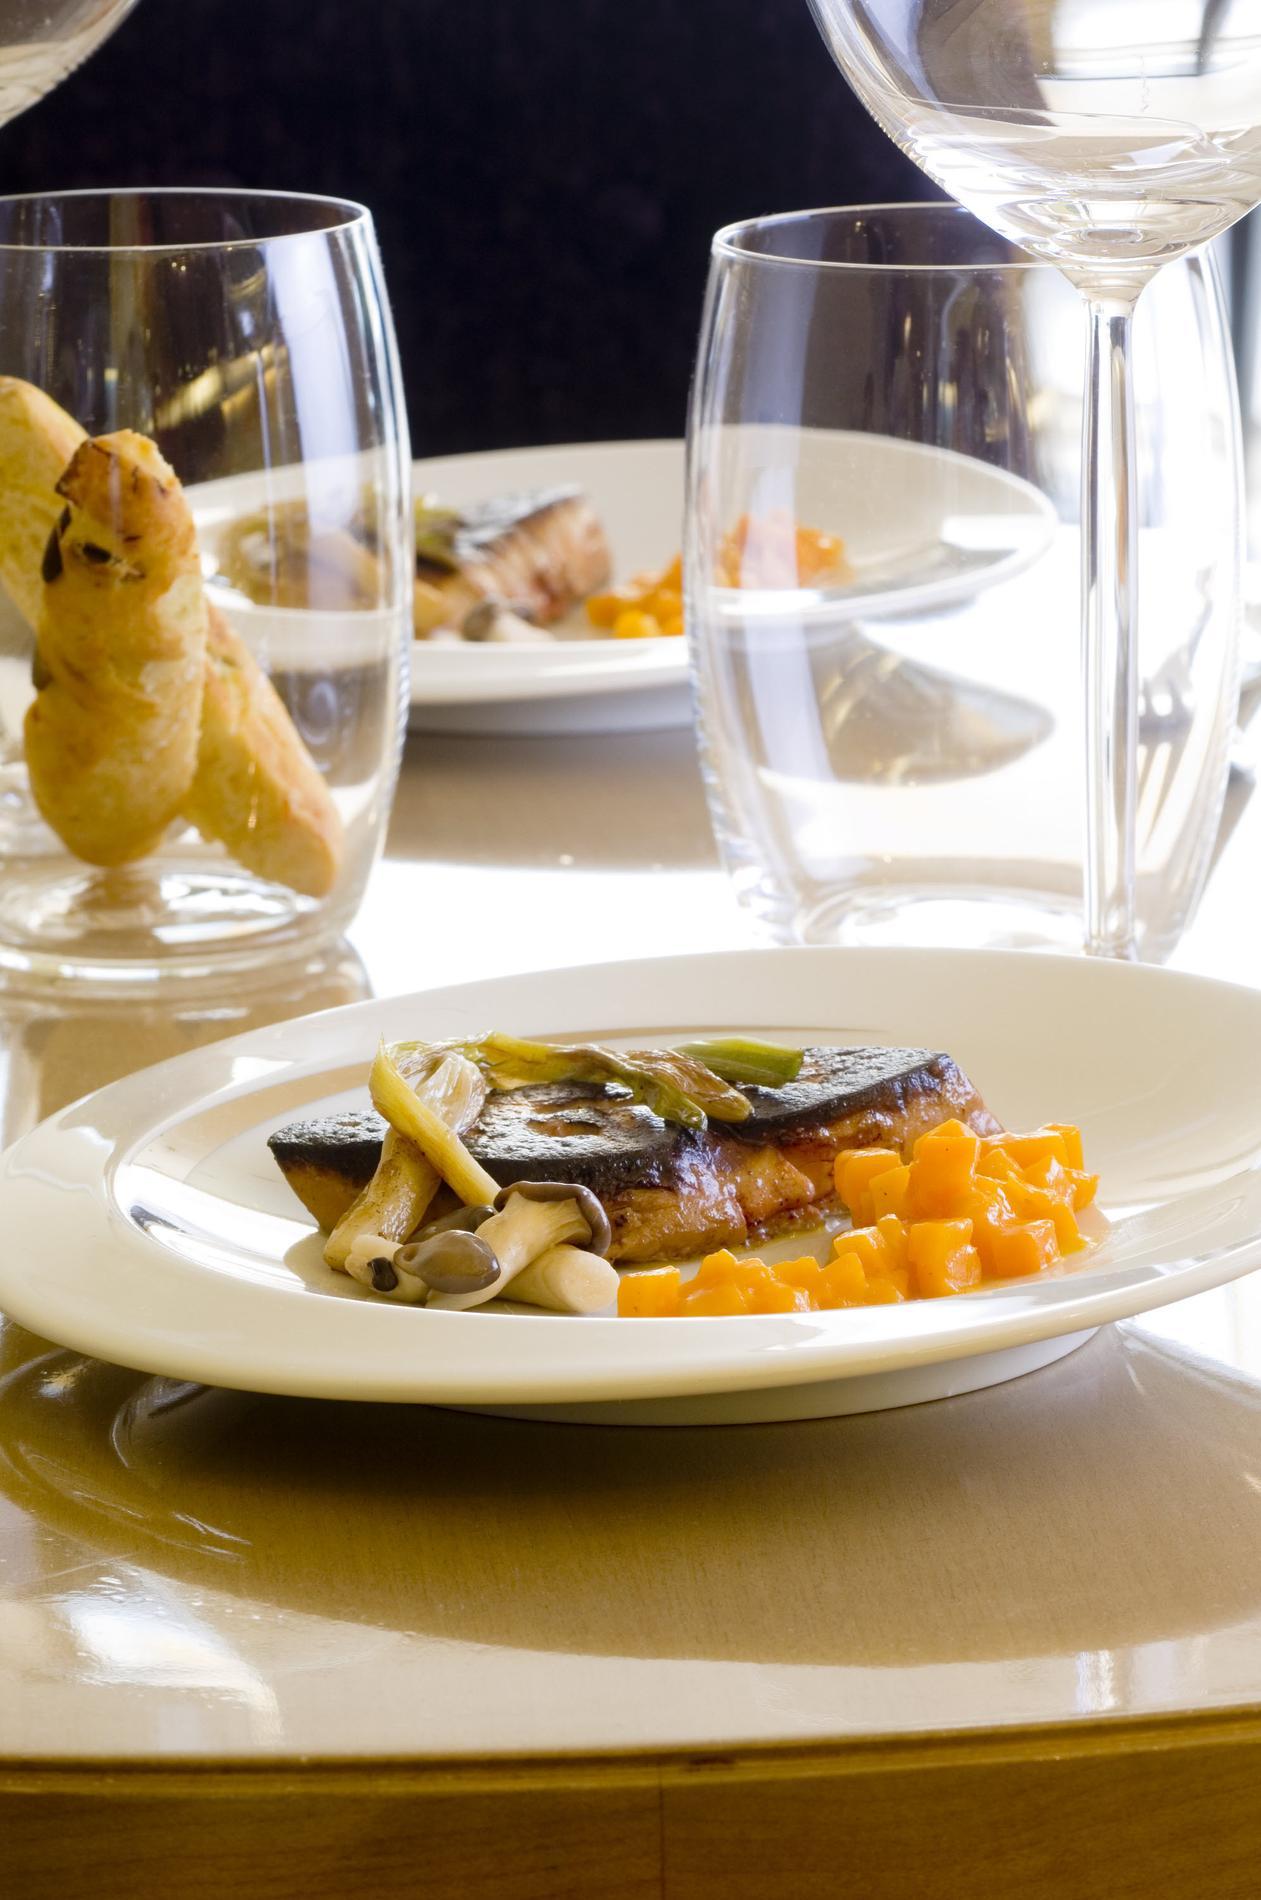 Recette foie gras po l potimarron en risotto cuisine - Recette du foie gras ...